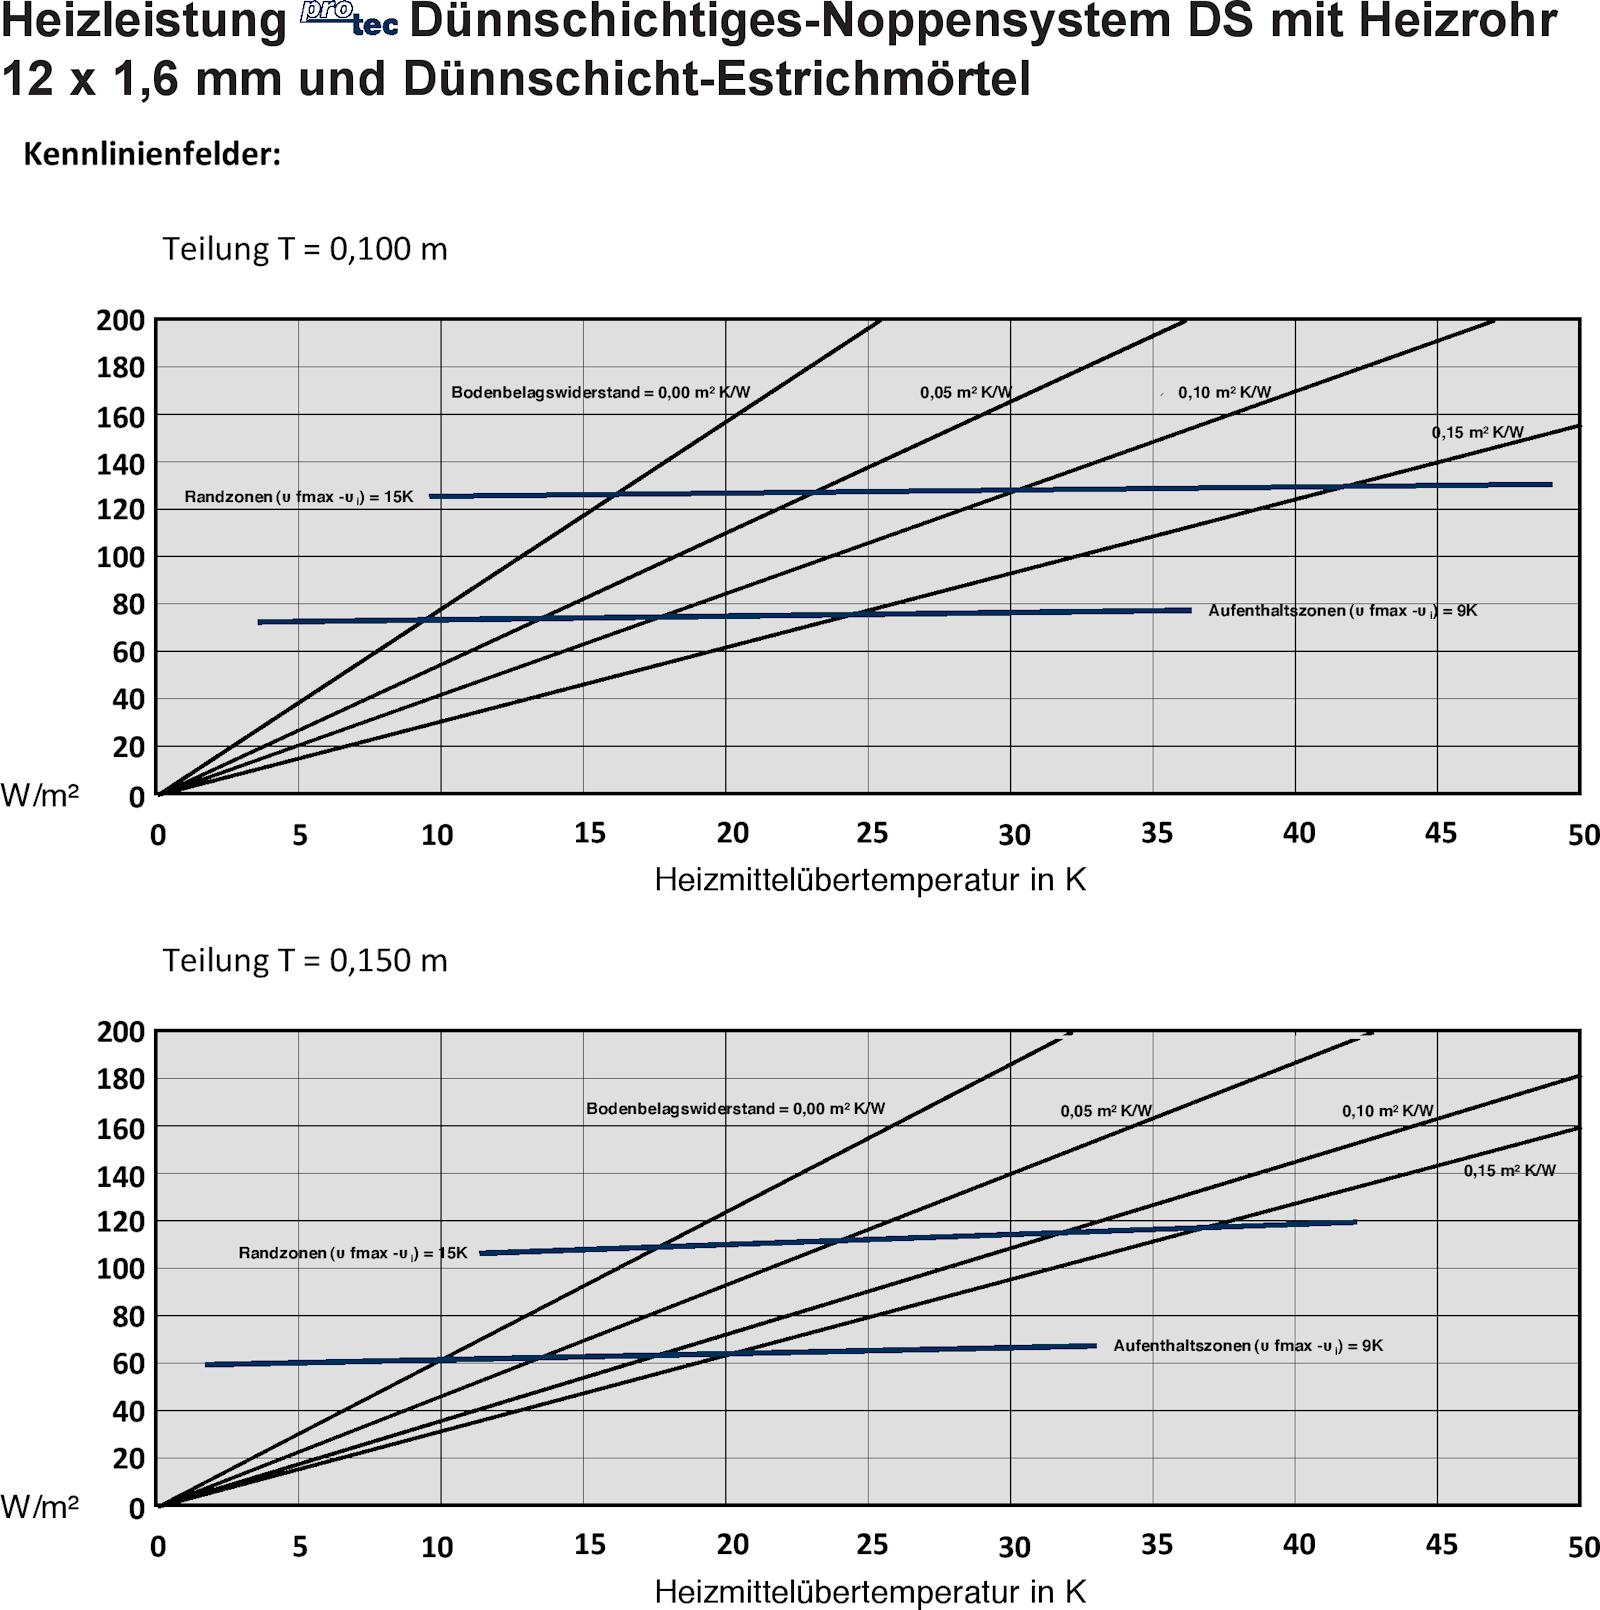 Fußbodenheizung-Set (Dünnschicht) ab 24mm Aufbau | Dünnschichtsystem ...